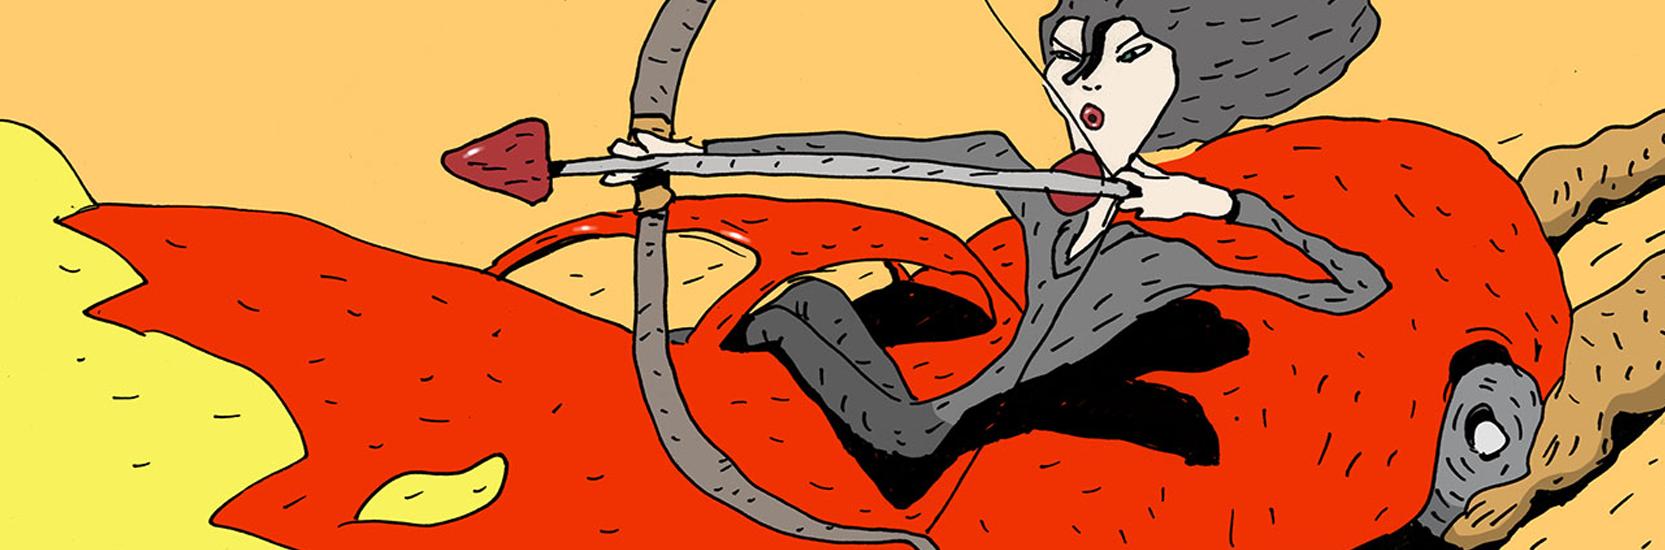 Critique – La Vengeresse de Jim Lujan & Bill Plympton a détruit L'Étrange Festival XXII !